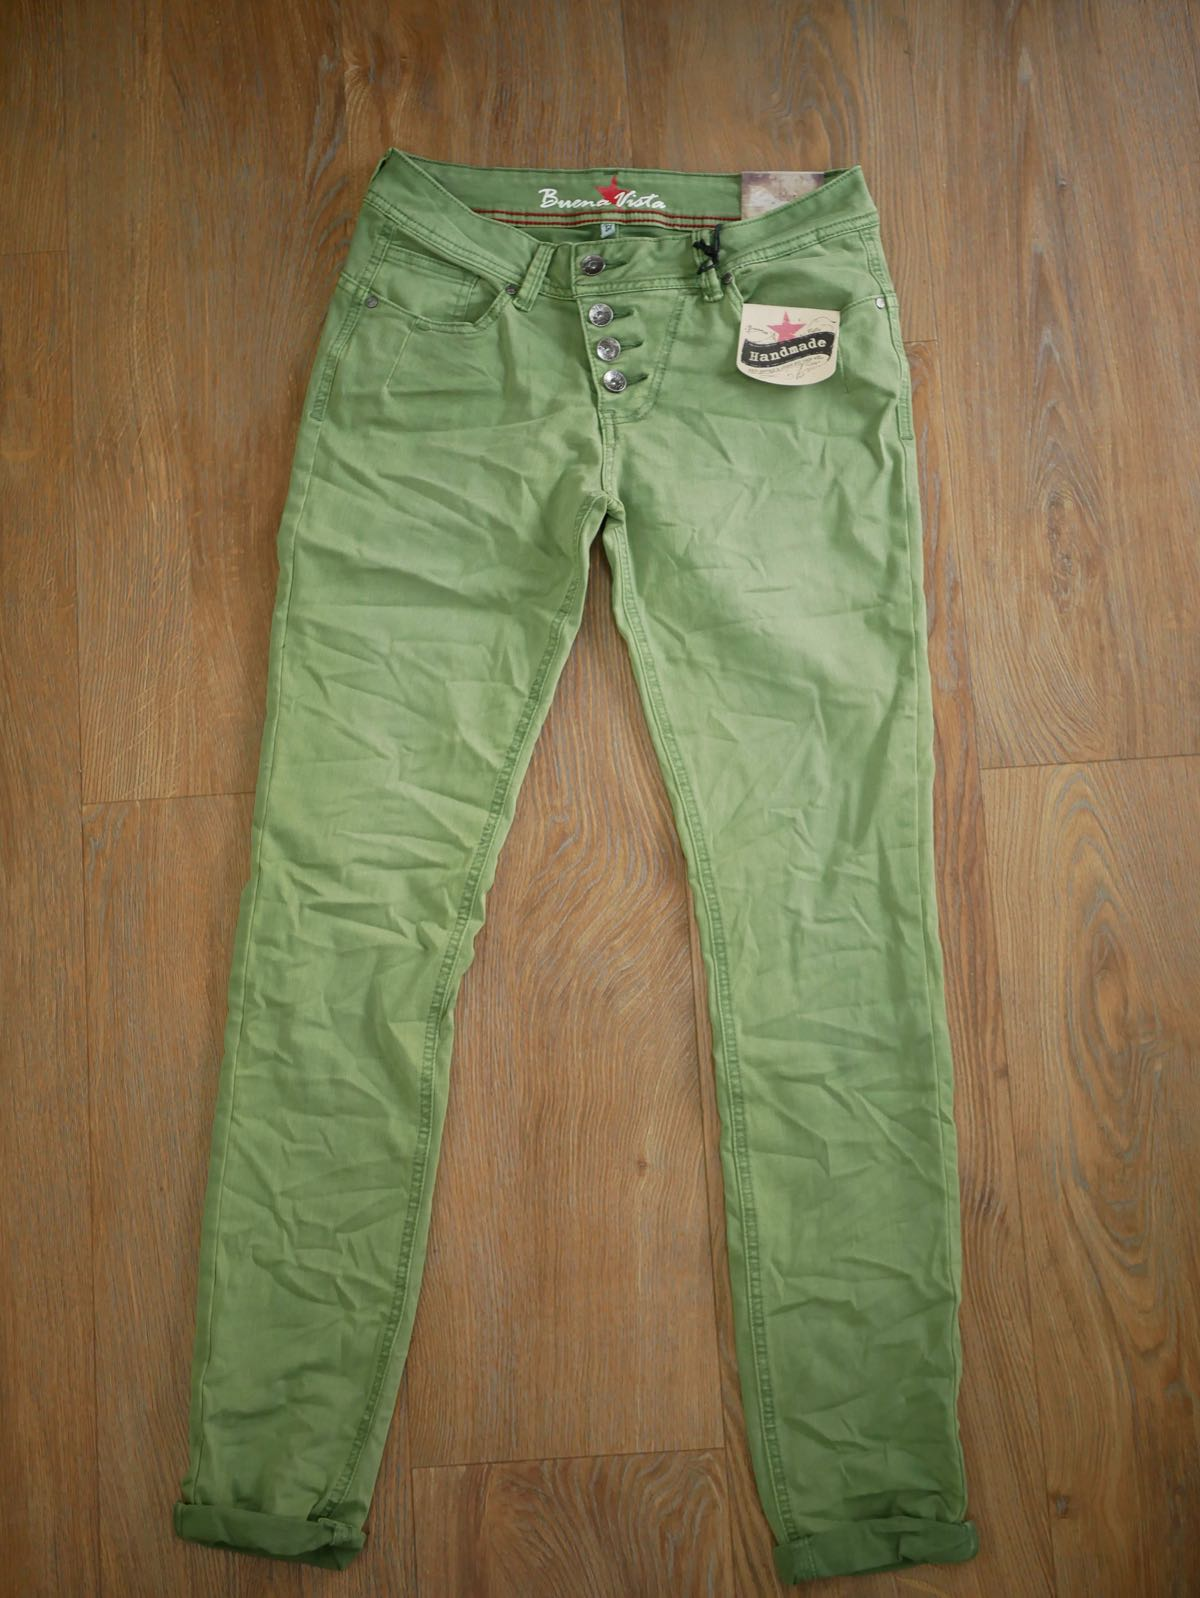 Sortenstile von 2019 tolle sorten Online kaufen Buena Vista Jeans Malibu - grün - Modehaus Rieker Süßen ...